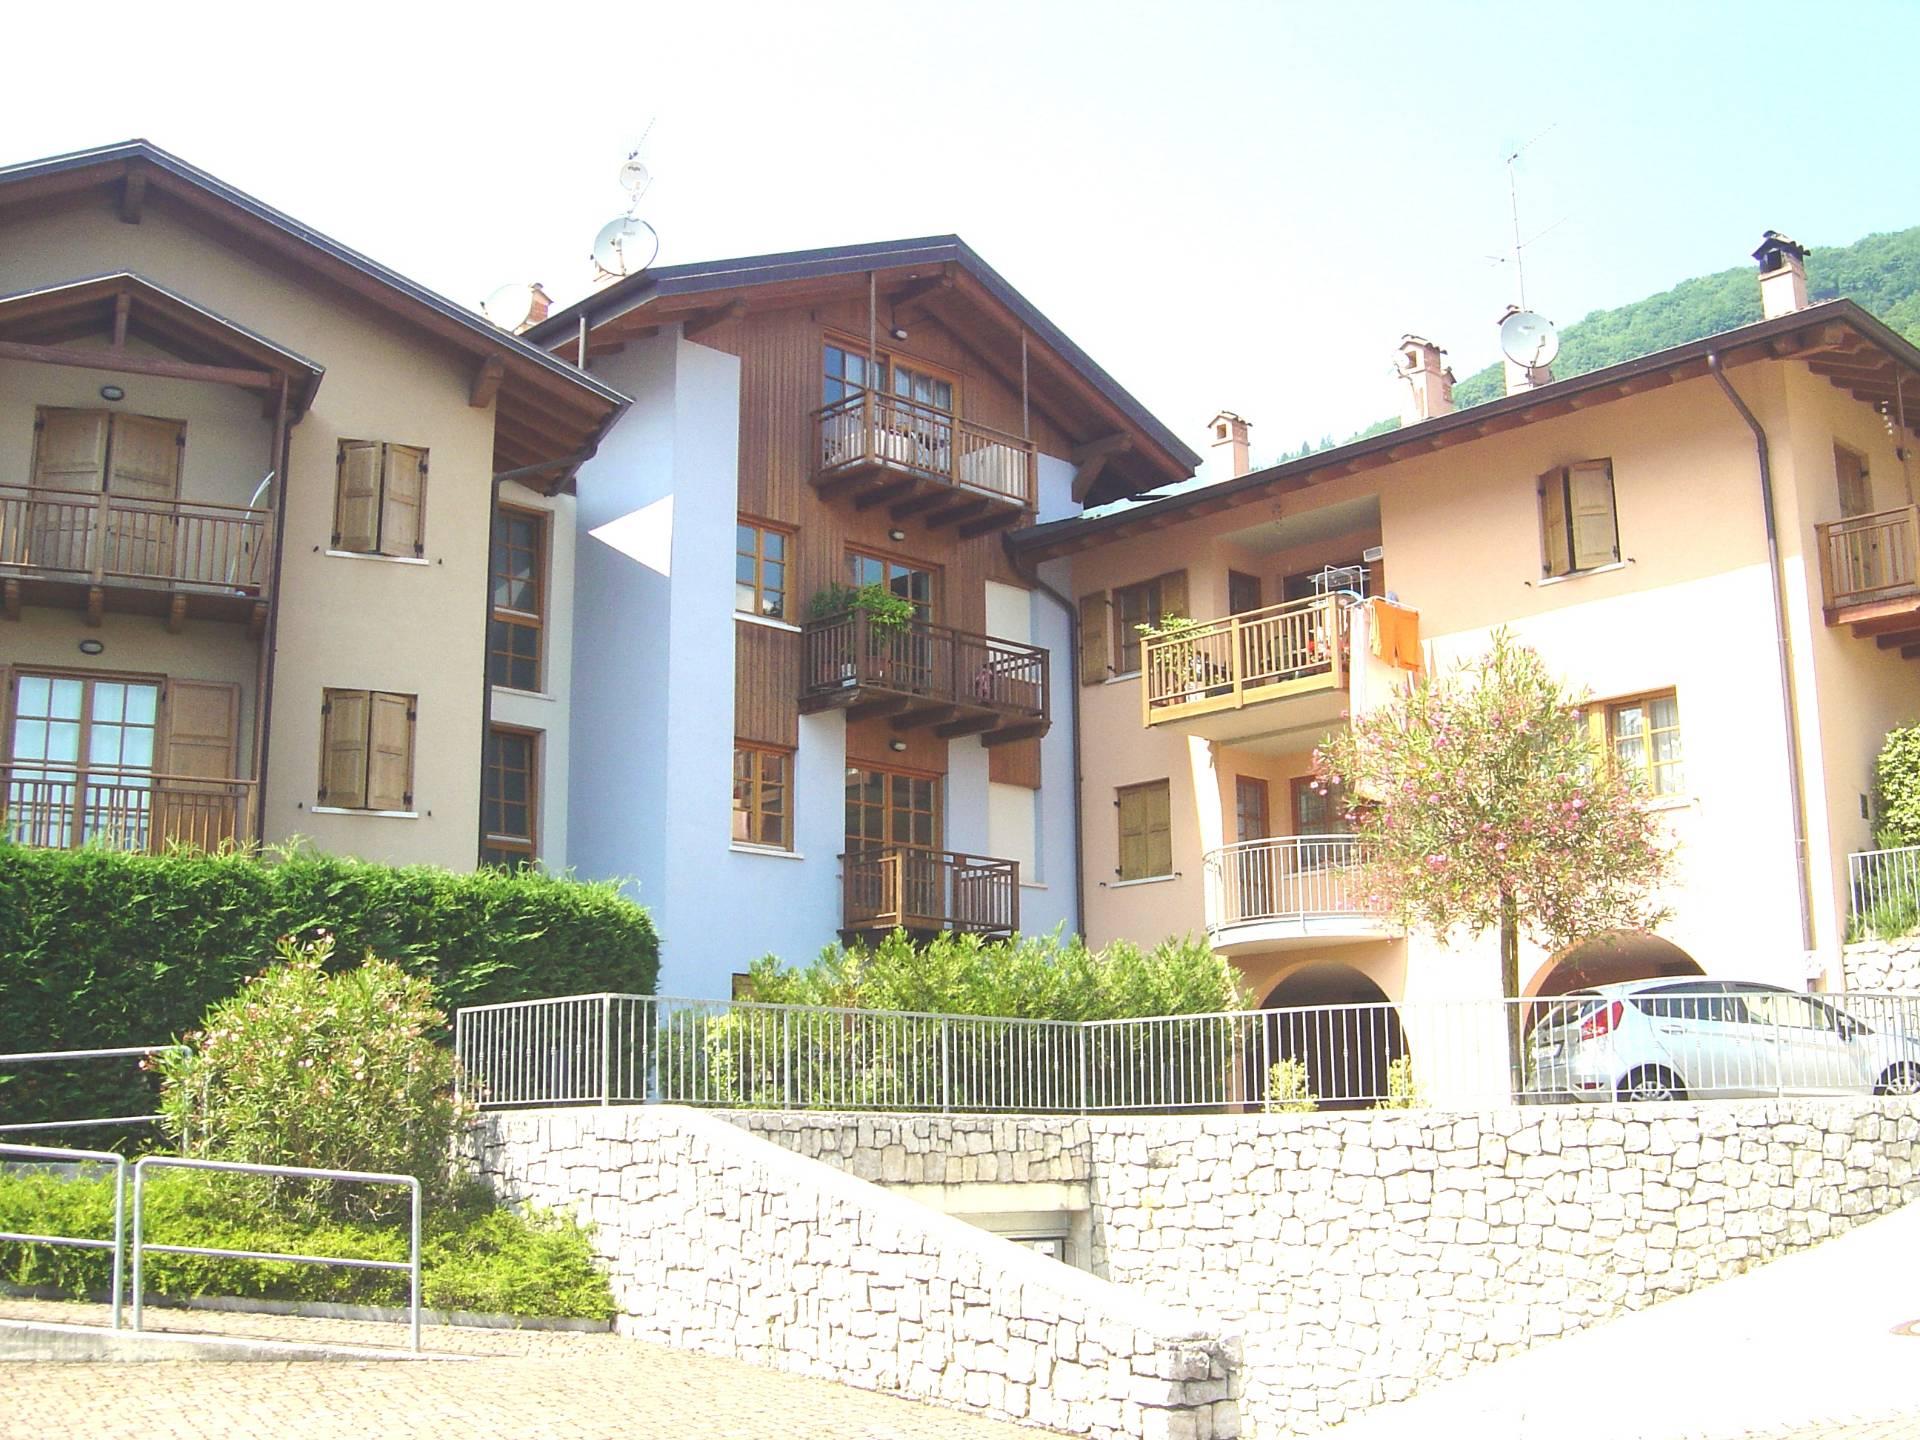 Appartamento in vendita a Tenno, 2 locali, zona Zona: Tenno, prezzo € 118.000 | Cambio Casa.it